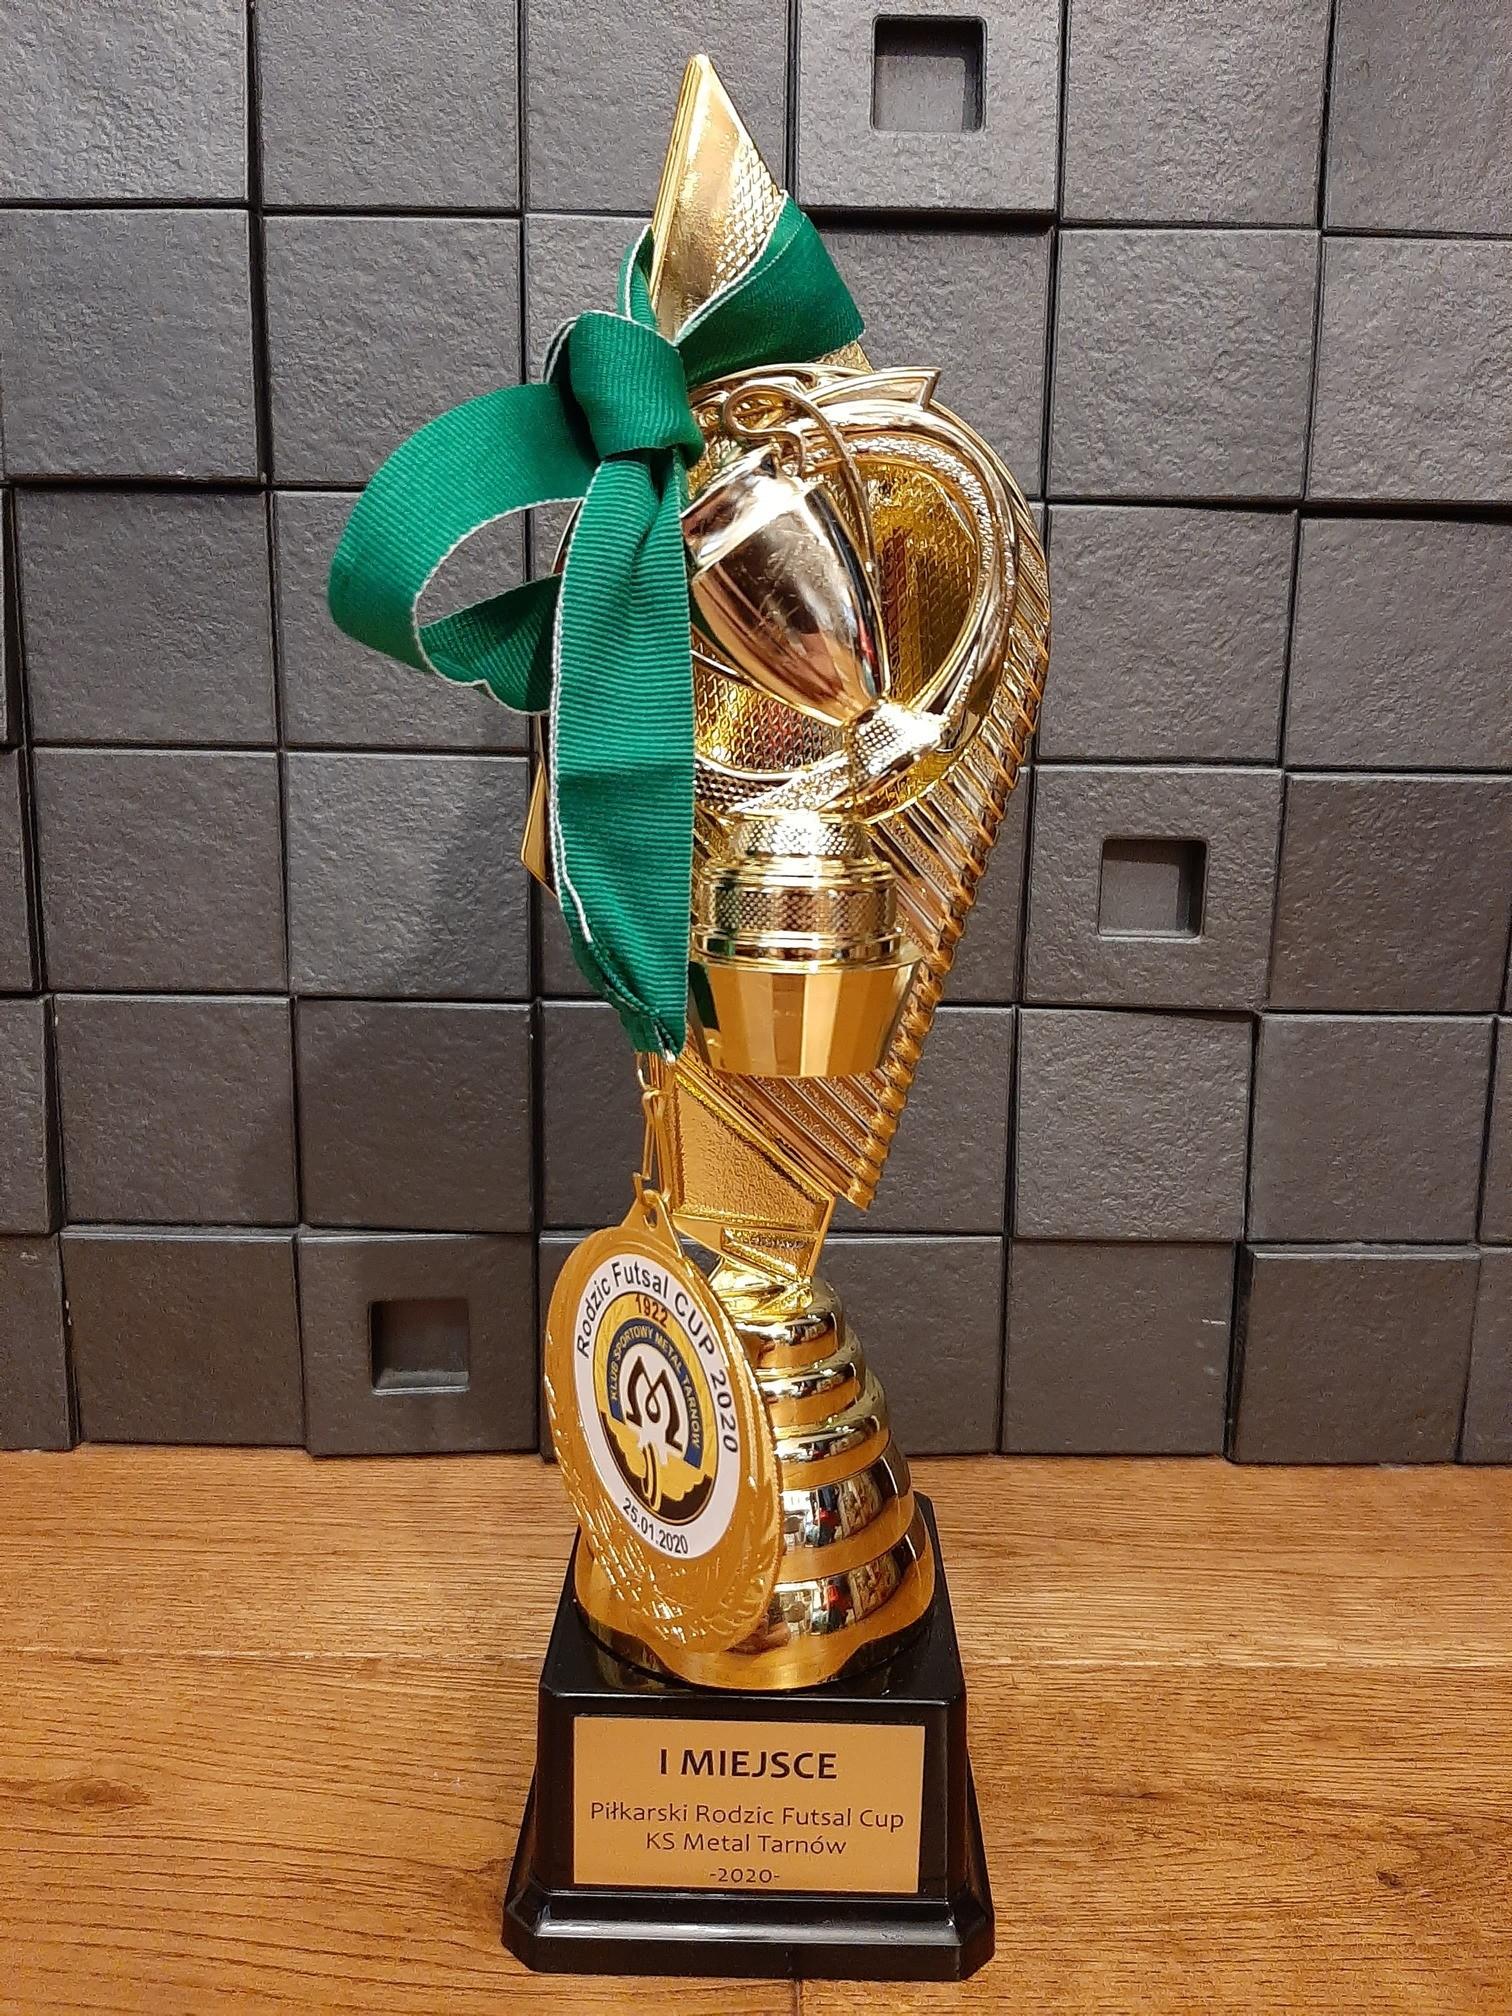 Pierwsze miejsce na turnieju – Piłkarski Rodzic Futsal Cup KS Metal Tarnów